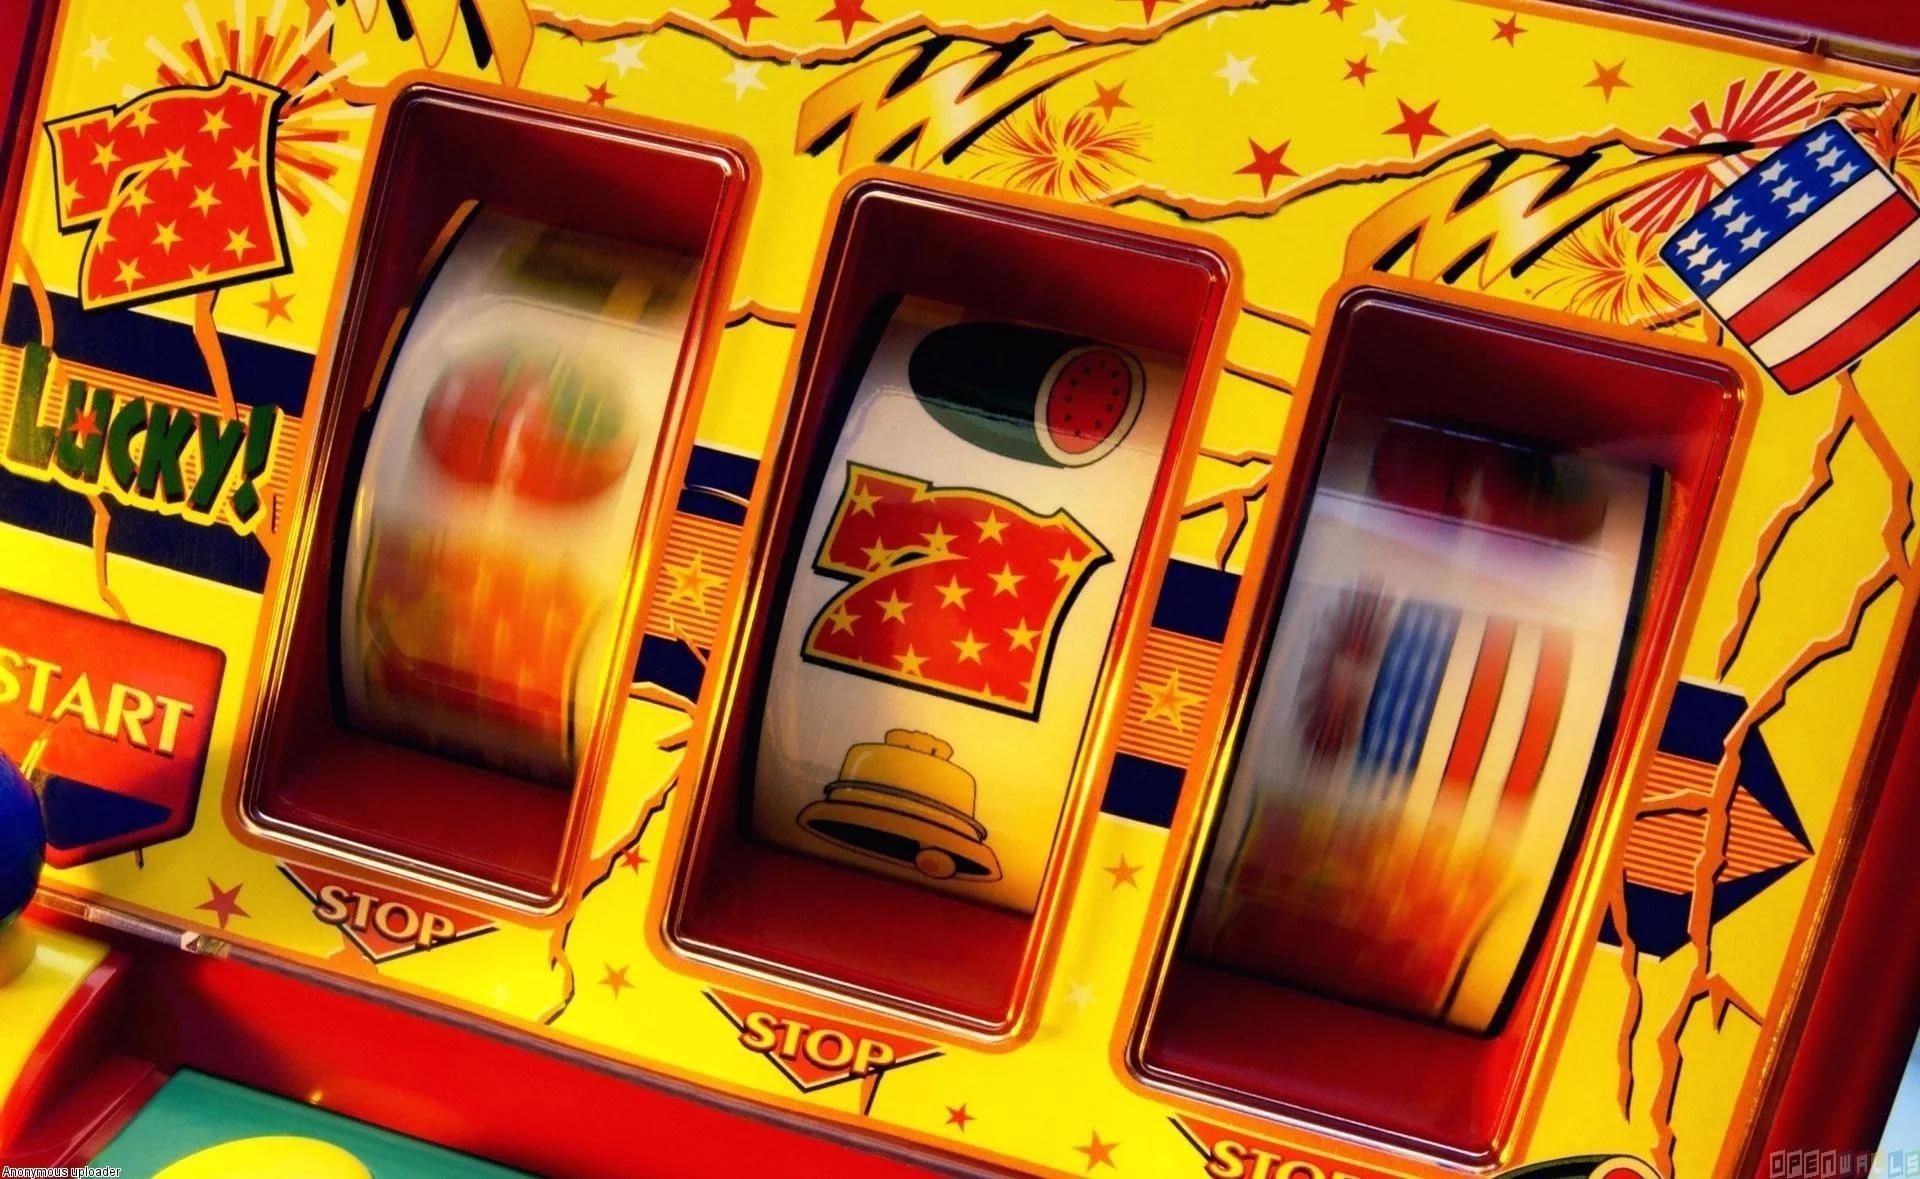 Рейтинг лучших онлайн казино Украины с отзывами игроков по выплатам.Узнайте где играть на реальные деньги с выводом и как получить выгодные бонусы! Елабуга